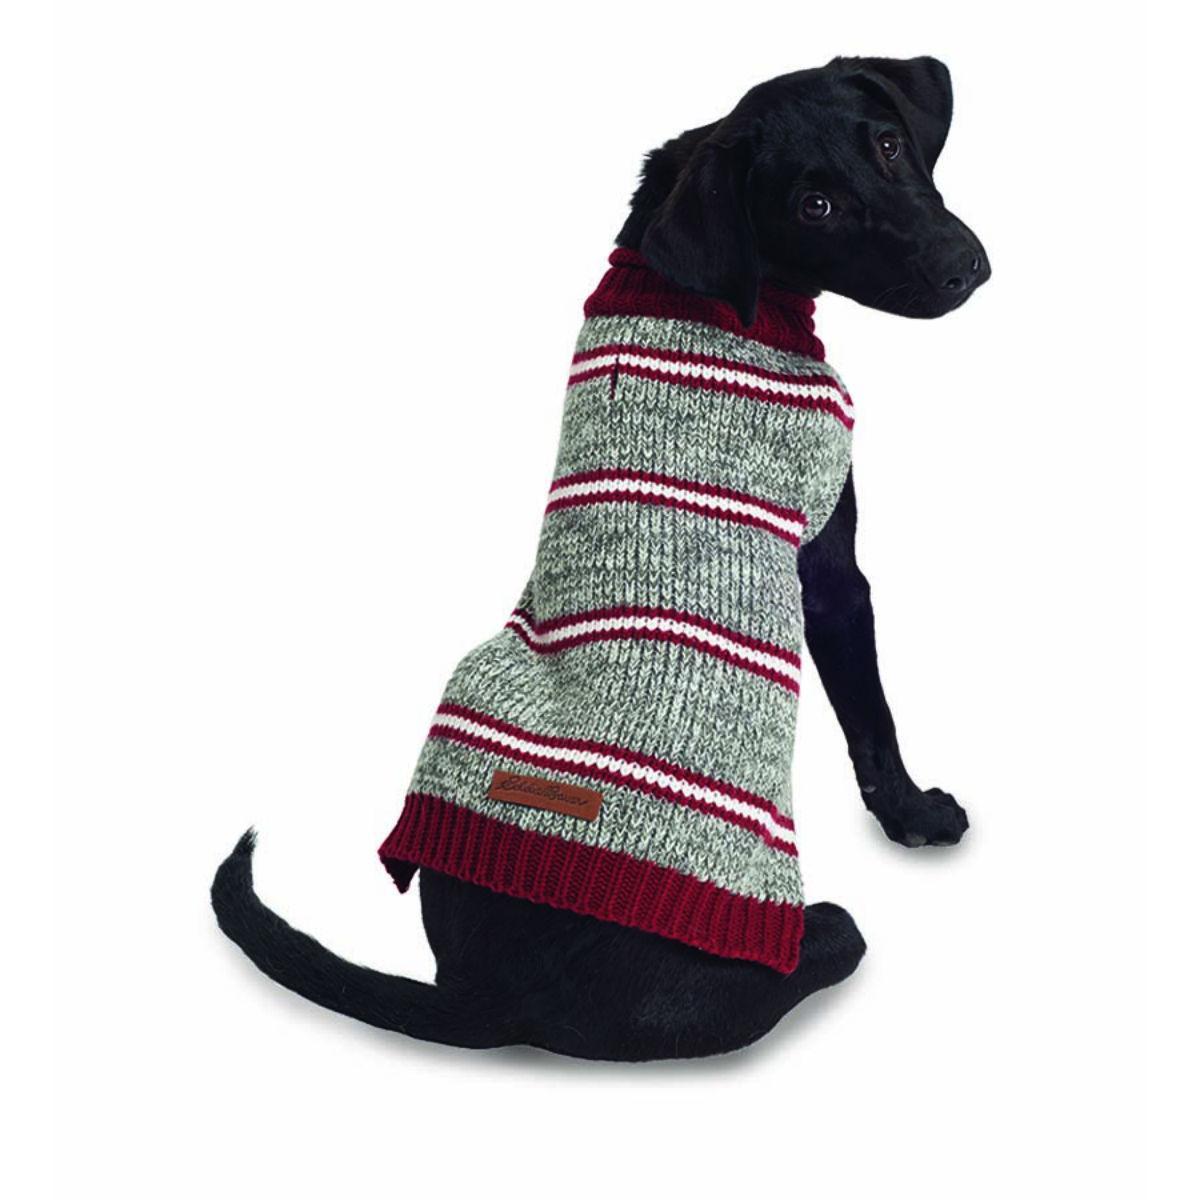 Eddie Bauer Marled Striped Dog Sweater - Gray/Brick Red